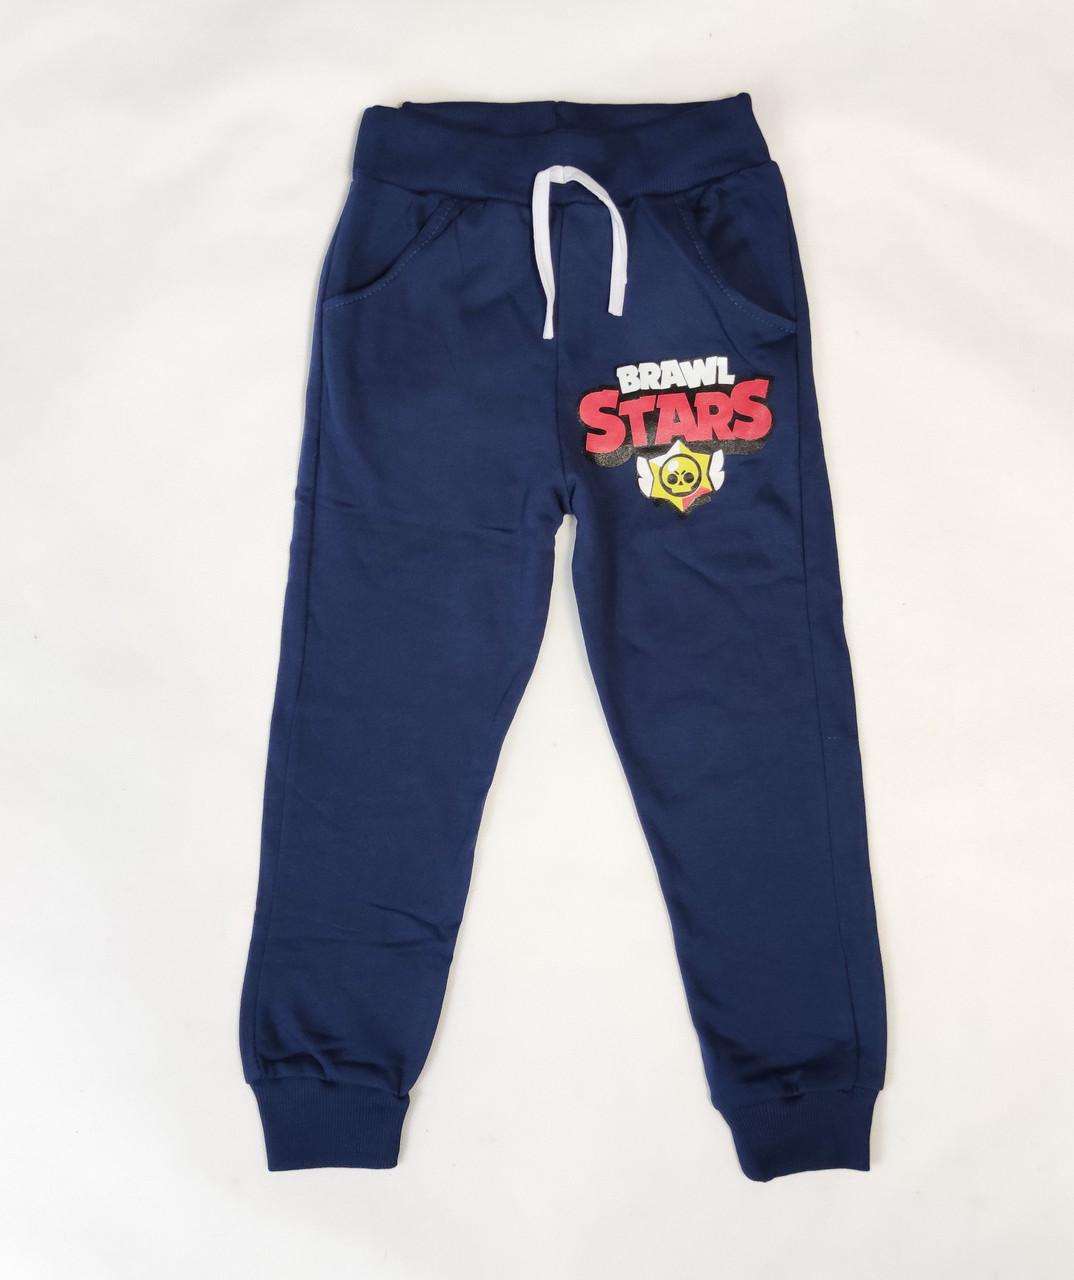 Бравл Старс brawl stars утепленные спортивные теплые штаны для мальчика синий 5-6 лет